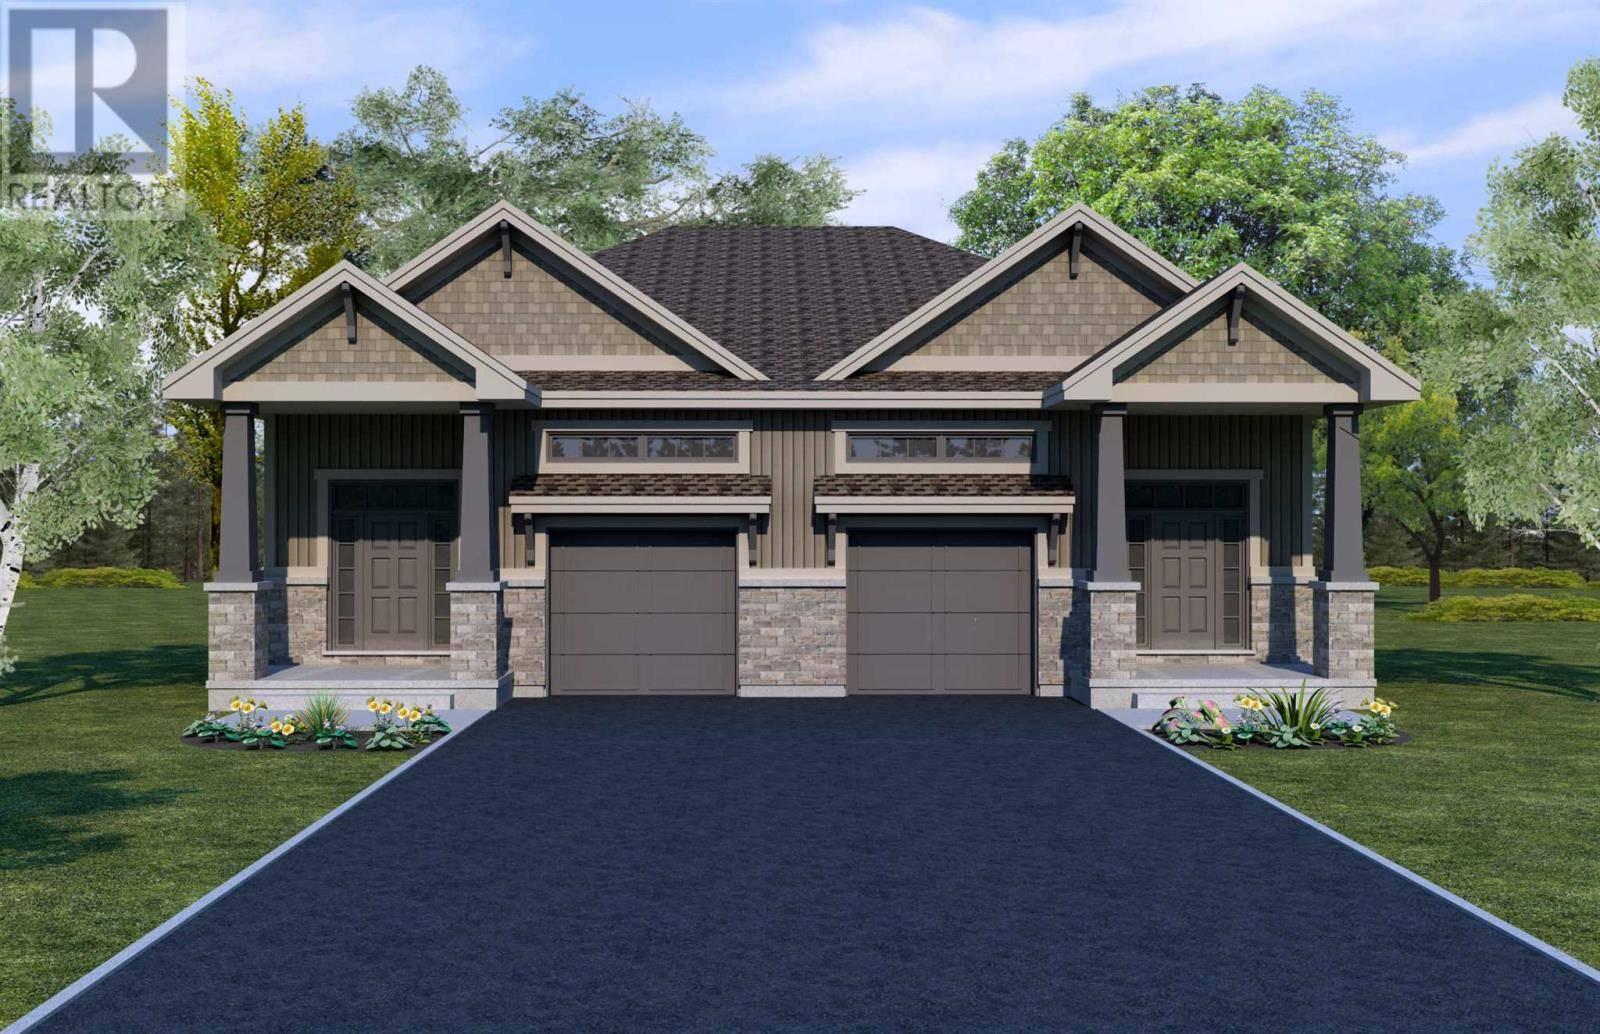 House for sale at 102 Hazlett St Amherstview Ontario - MLS: K19005307